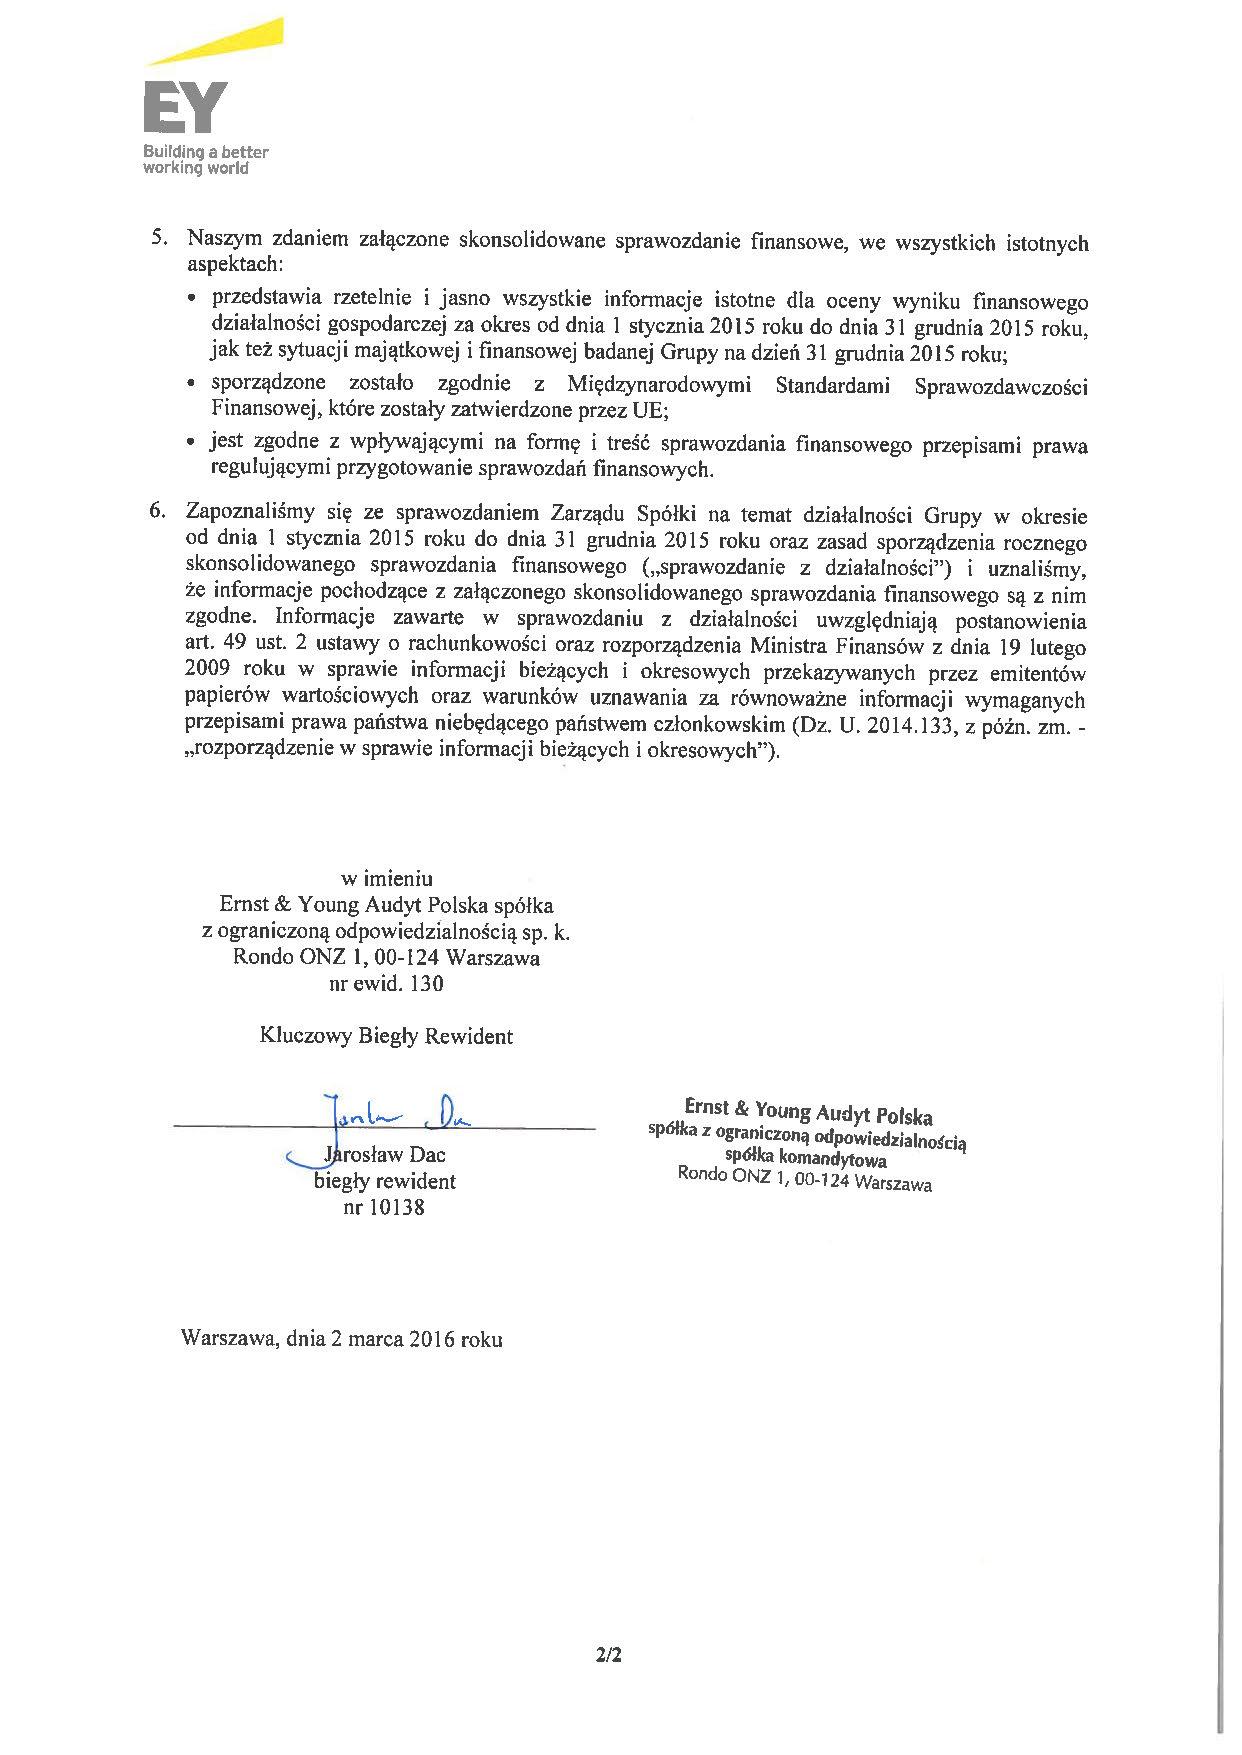 Grupa Kapitalowa LOTOS 2015 - Opinia z badania Skonsolidowanego Sprawozdania Finansowego strona 2